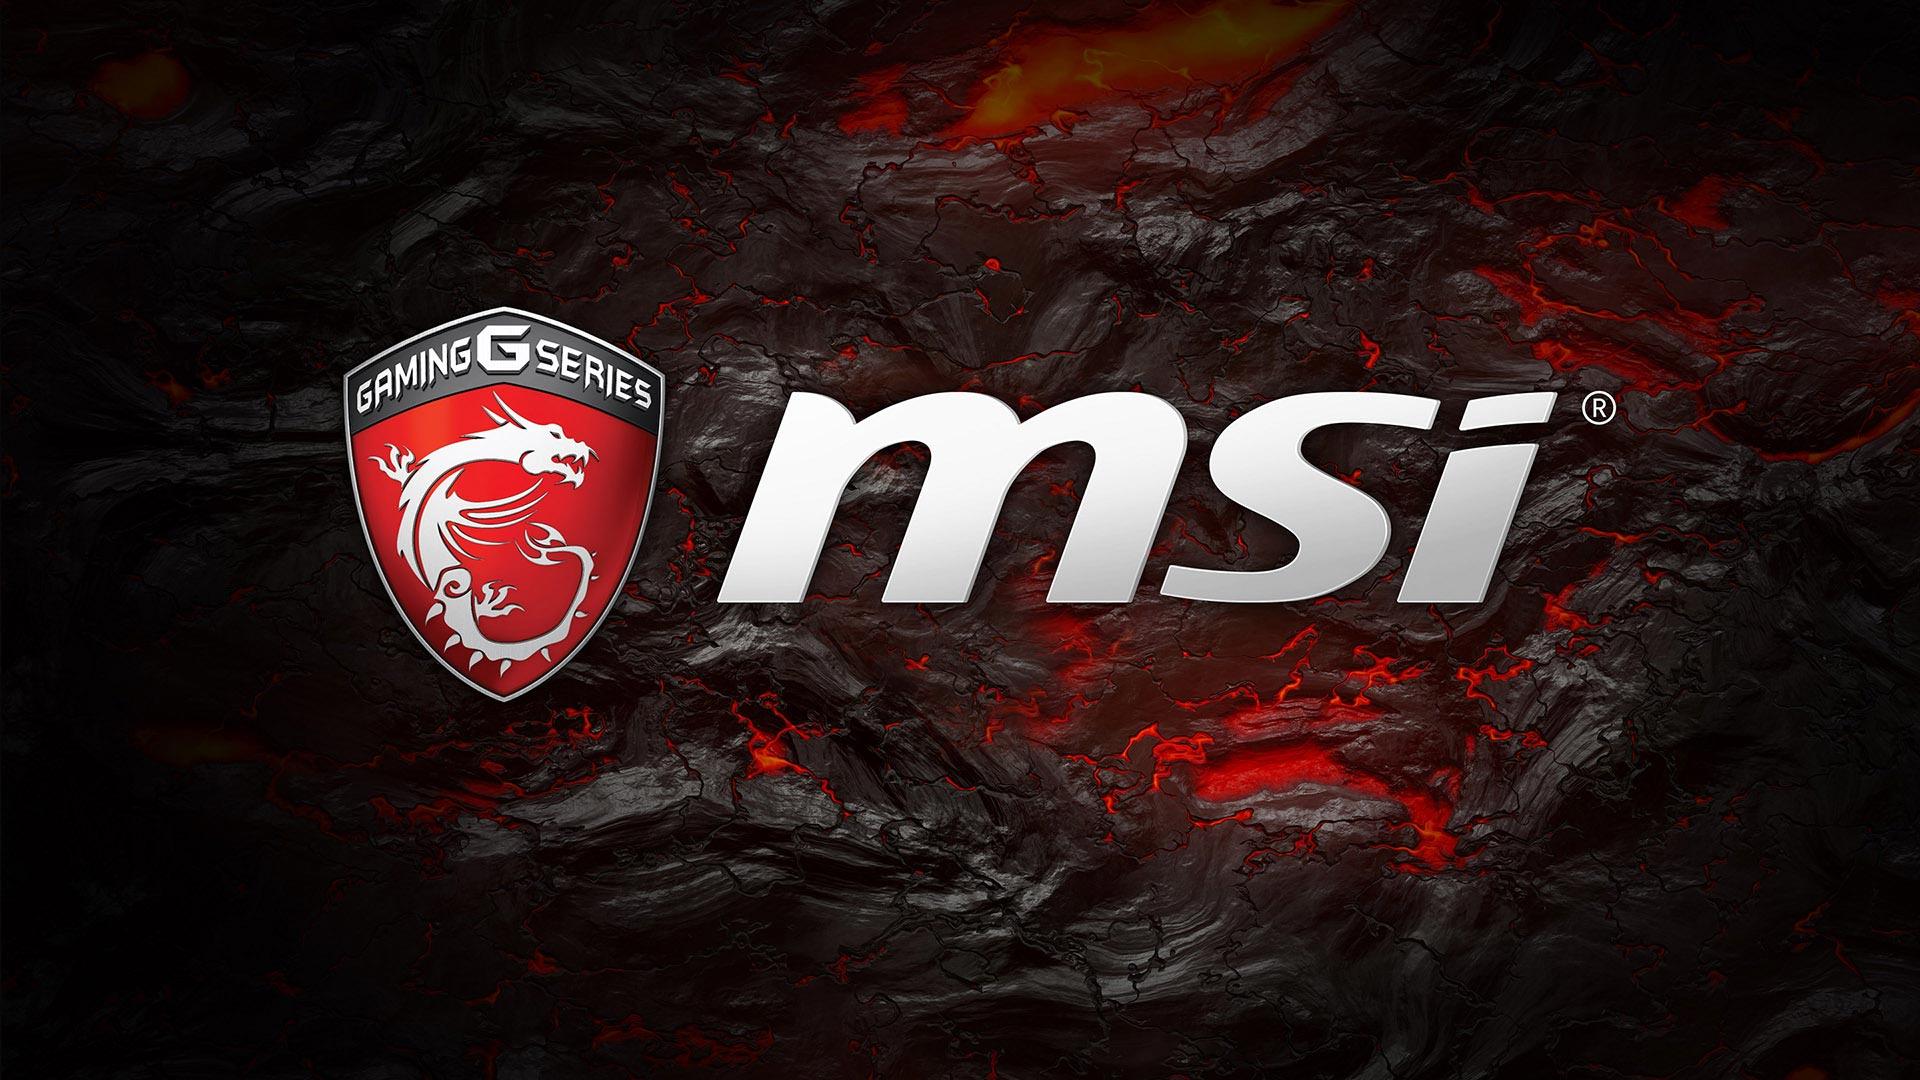 MSI برنامه حمایت از تیم های گیمینگ نوظهور را معرفی کرد